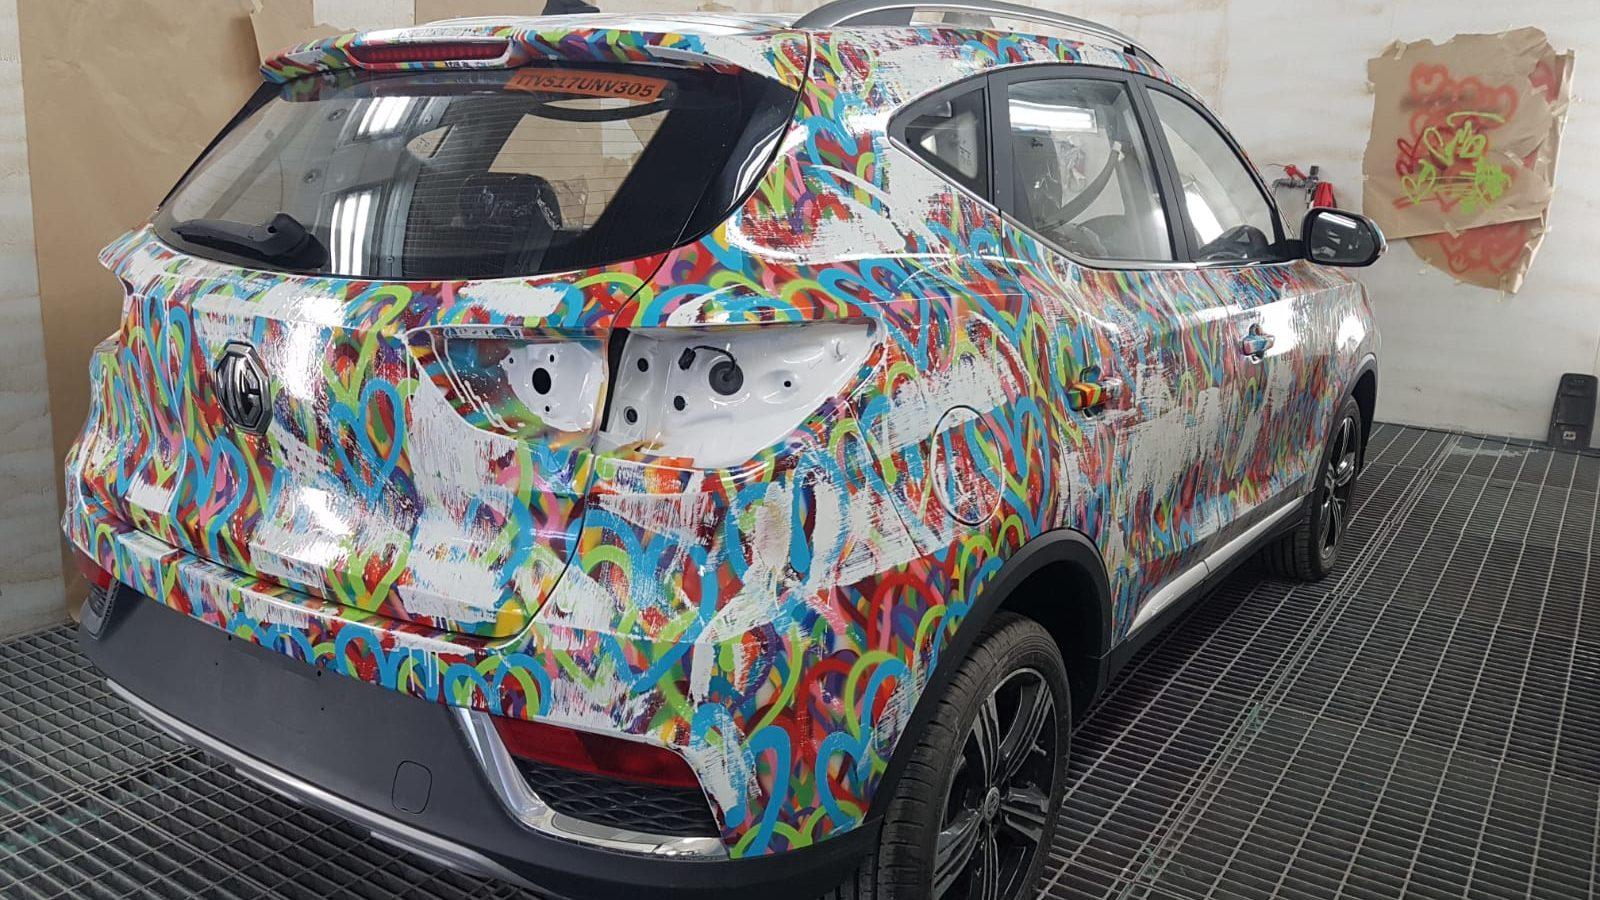 The MG Art Car